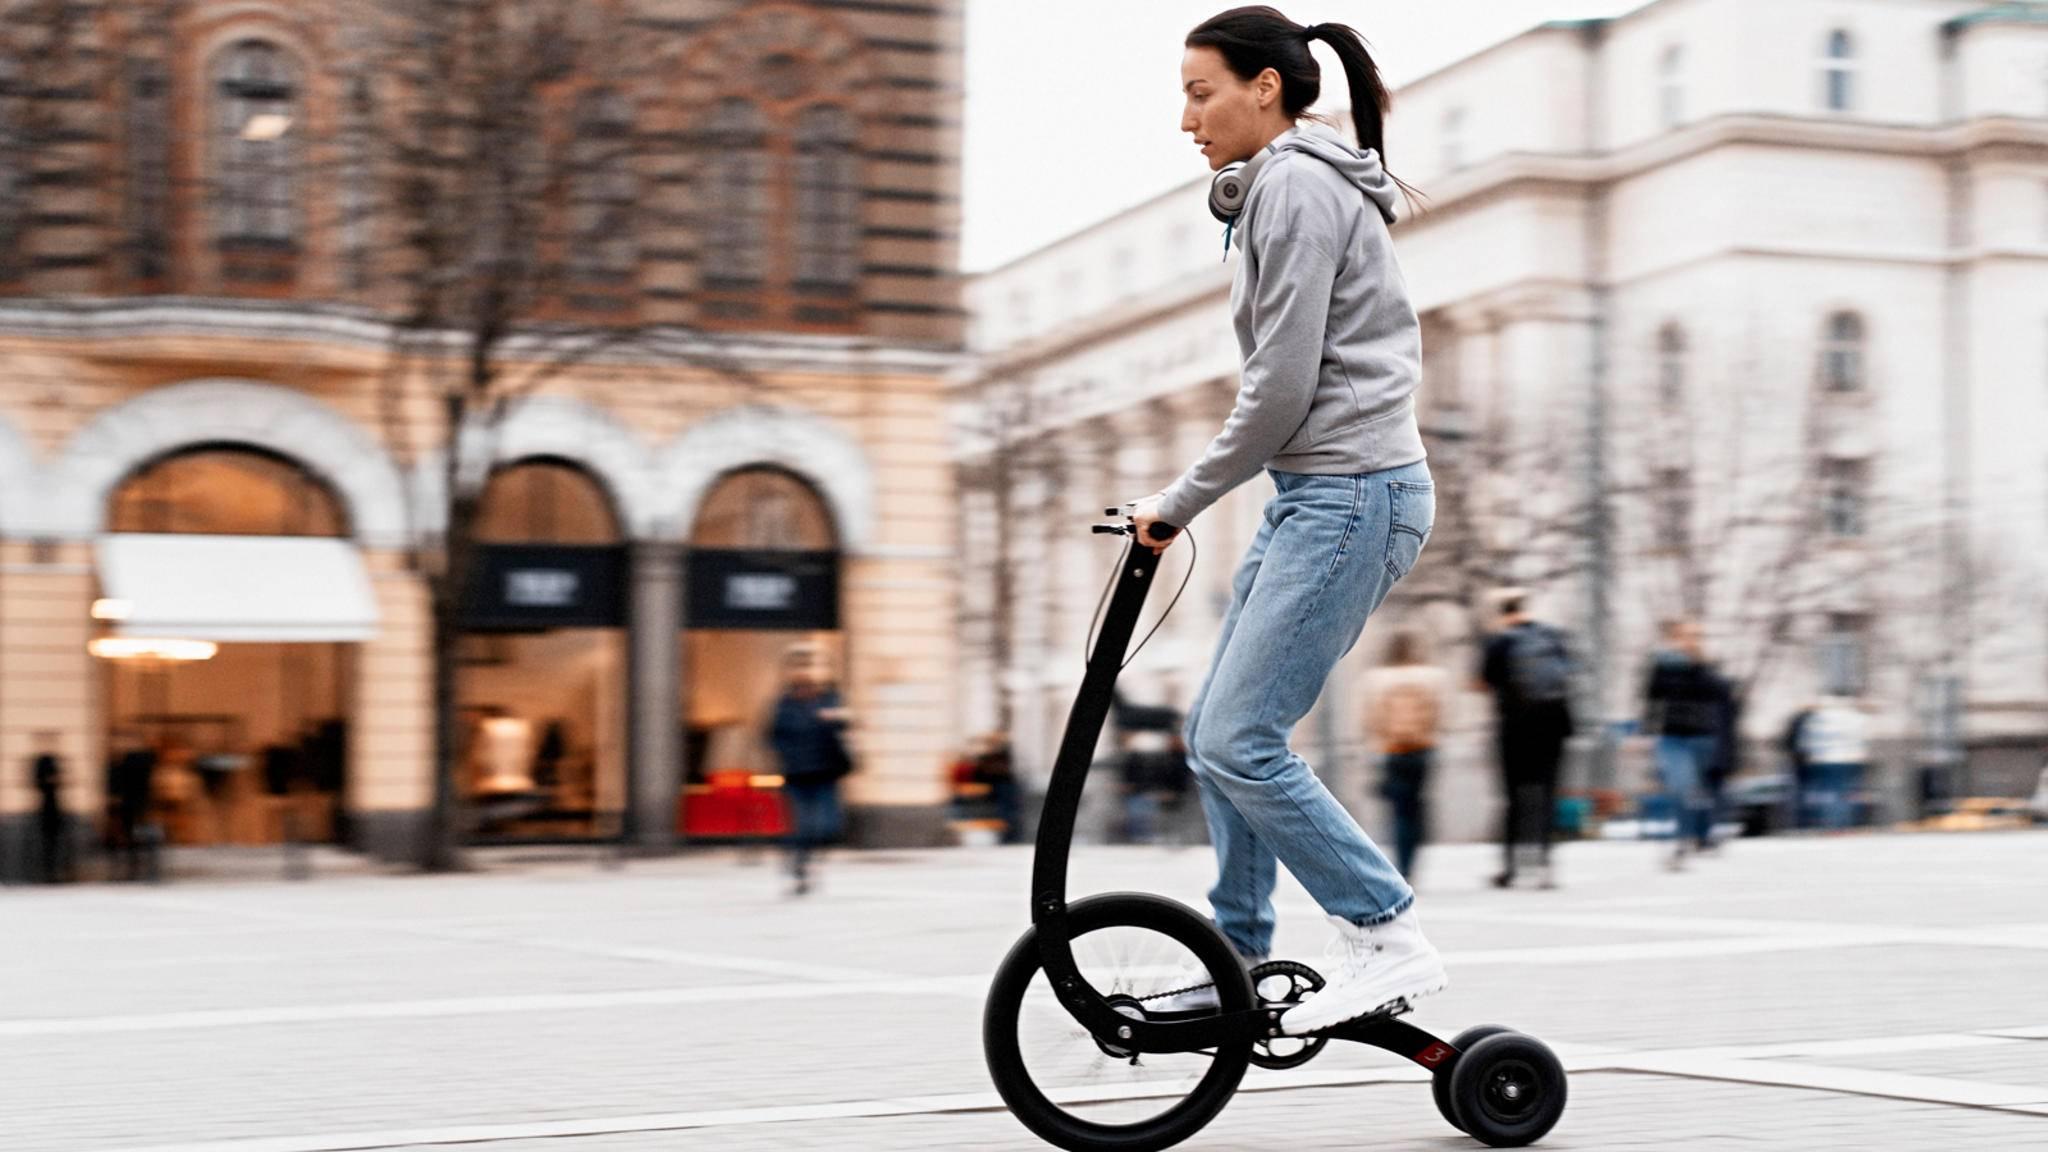 Ohne Sattel, ganz reduziert: Das Halfbike 3 soll vor allem in der Stadt zum Einsatz kommen.